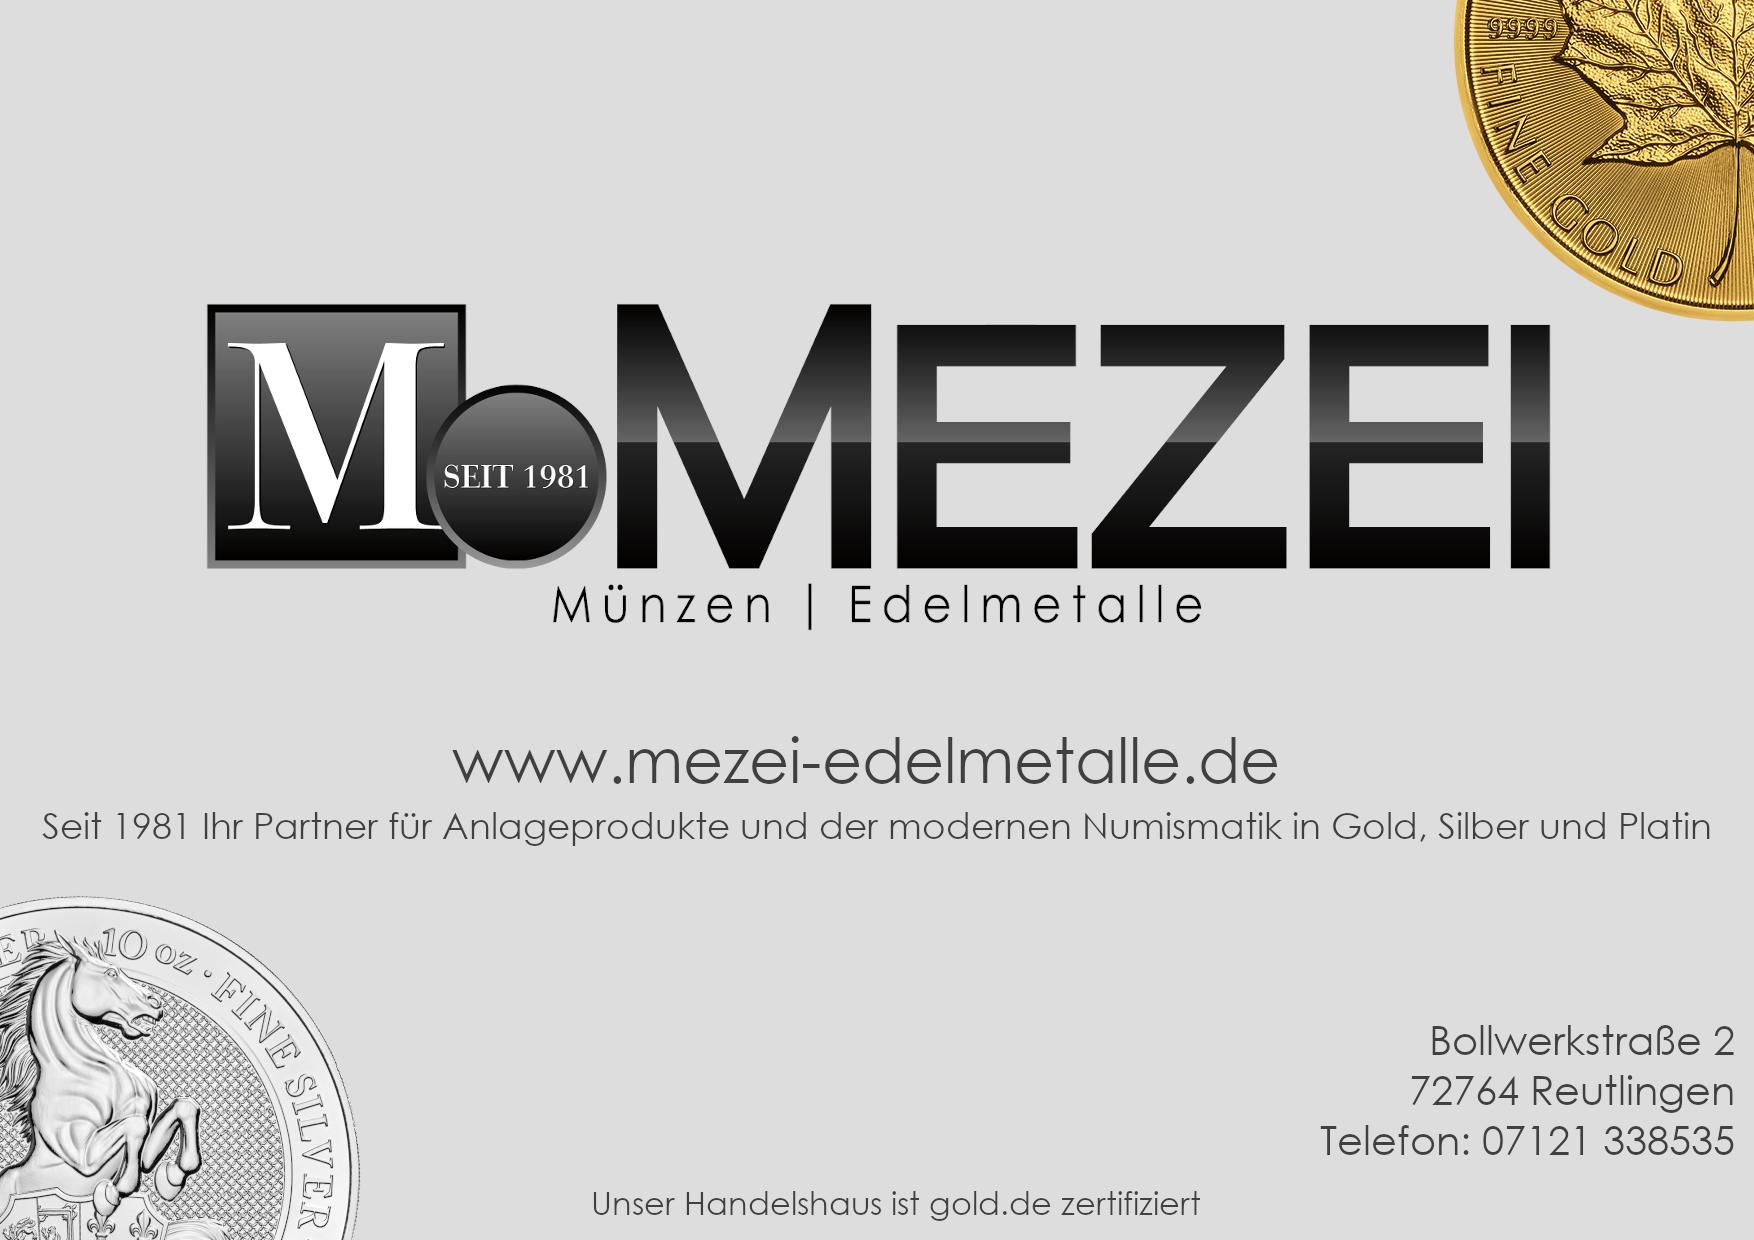 MEZEI